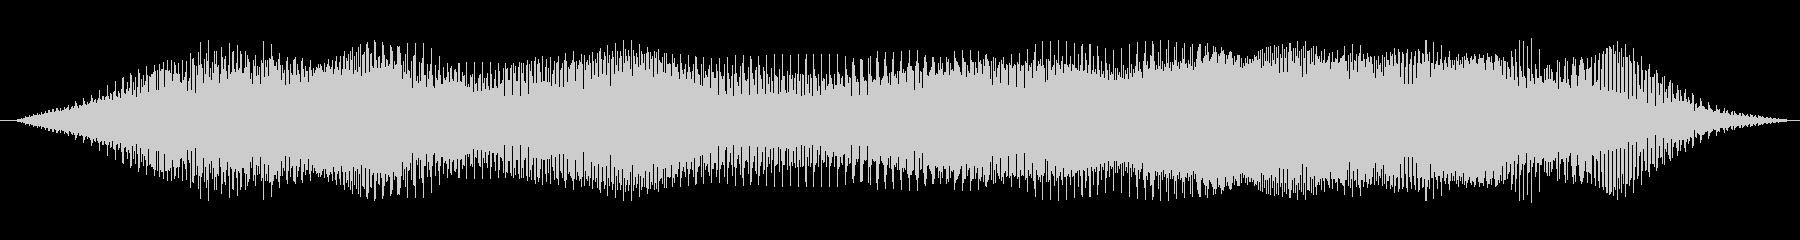 ドローン わずかなutter音01の未再生の波形